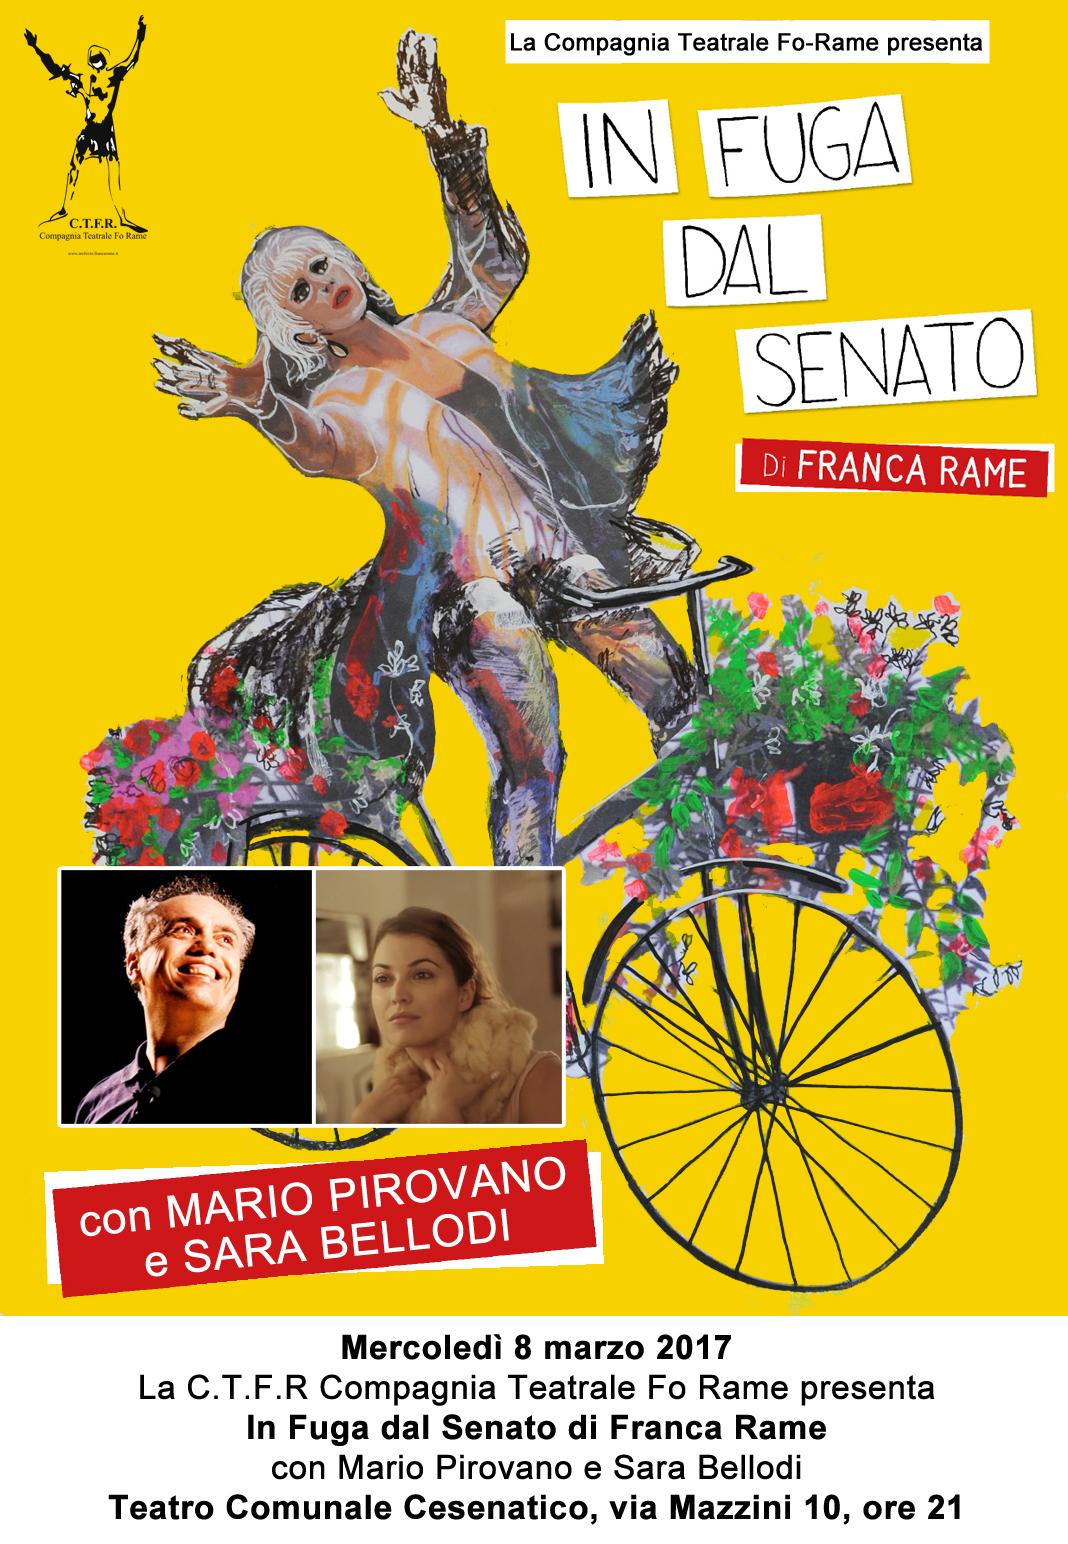 n Fuga dal Senato di Franca Rame Spettacolo con Mario Pirovano e Sara Bellodi